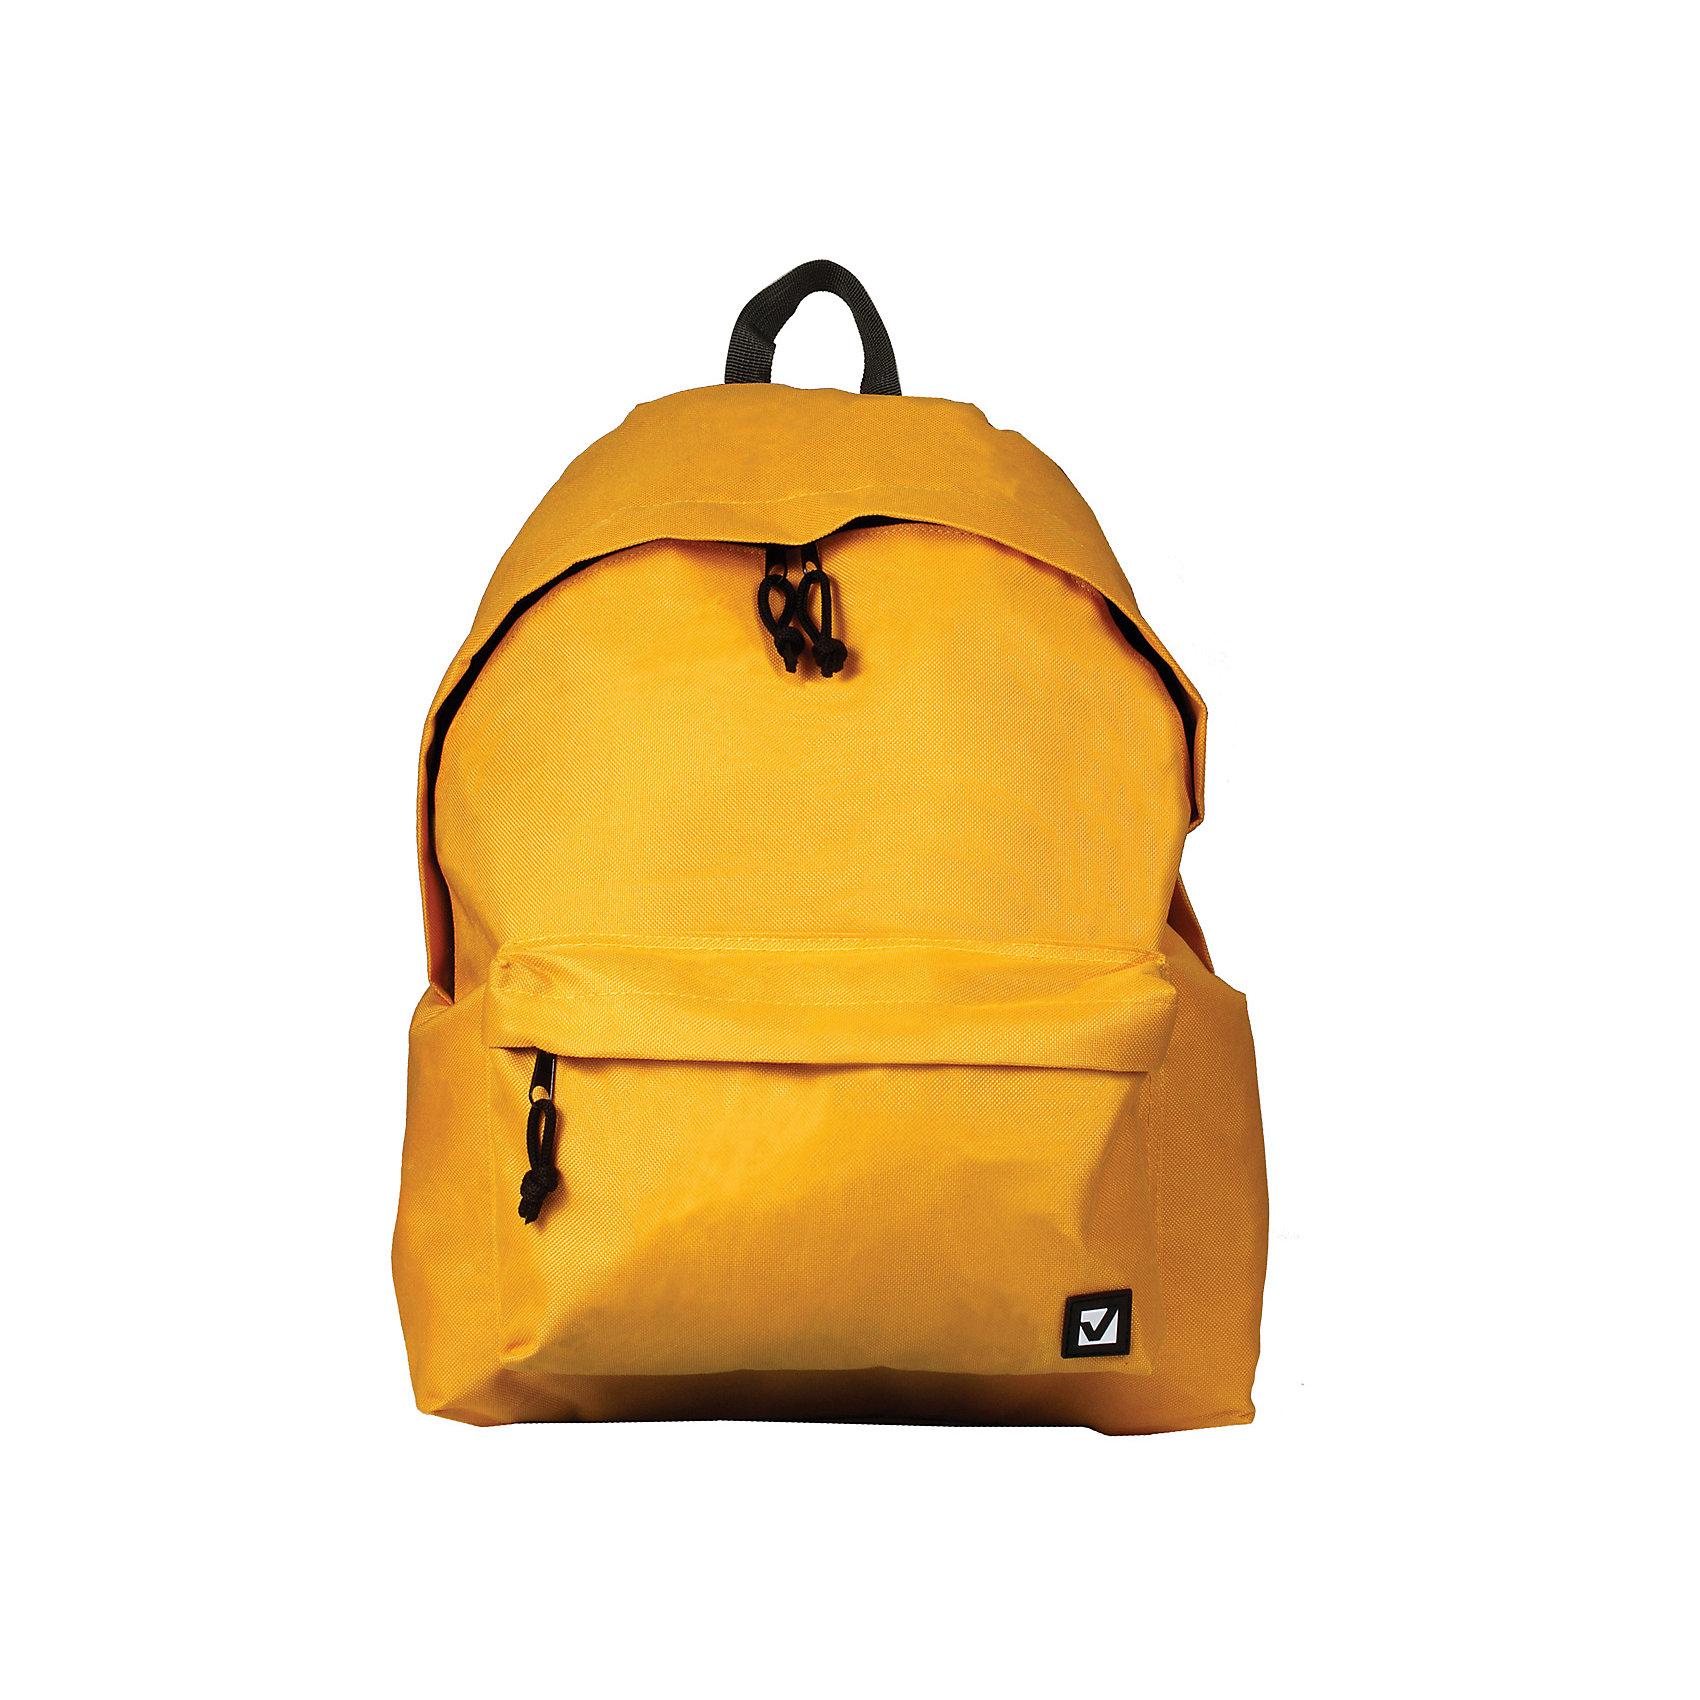 Рюкзак Brauberg Классика желтый, 20 литровРюкзаки<br>Классический однотонный рюкзак сдержанных расцветок станет незаменимым спутником активной молодежи, которая ценит практичность. Плотная ткань рюкзака обеспечит сохранность содержимого, а вместительное отделение позволит иметь при себе все необходимое.•1 отделение, 1 карман. •Водоотталкивающая ткань. •Широкие регулируемые лямки. •Размер - 41х32х14 см. •Цвет - желтый. •Объем - 20 литров.<br><br>Ширина мм: 20<br>Глубина мм: 320<br>Высота мм: 405<br>Вес г: 350<br>Возраст от месяцев: 72<br>Возраст до месяцев: 2147483647<br>Пол: Унисекс<br>Возраст: Детский<br>SKU: 6893774